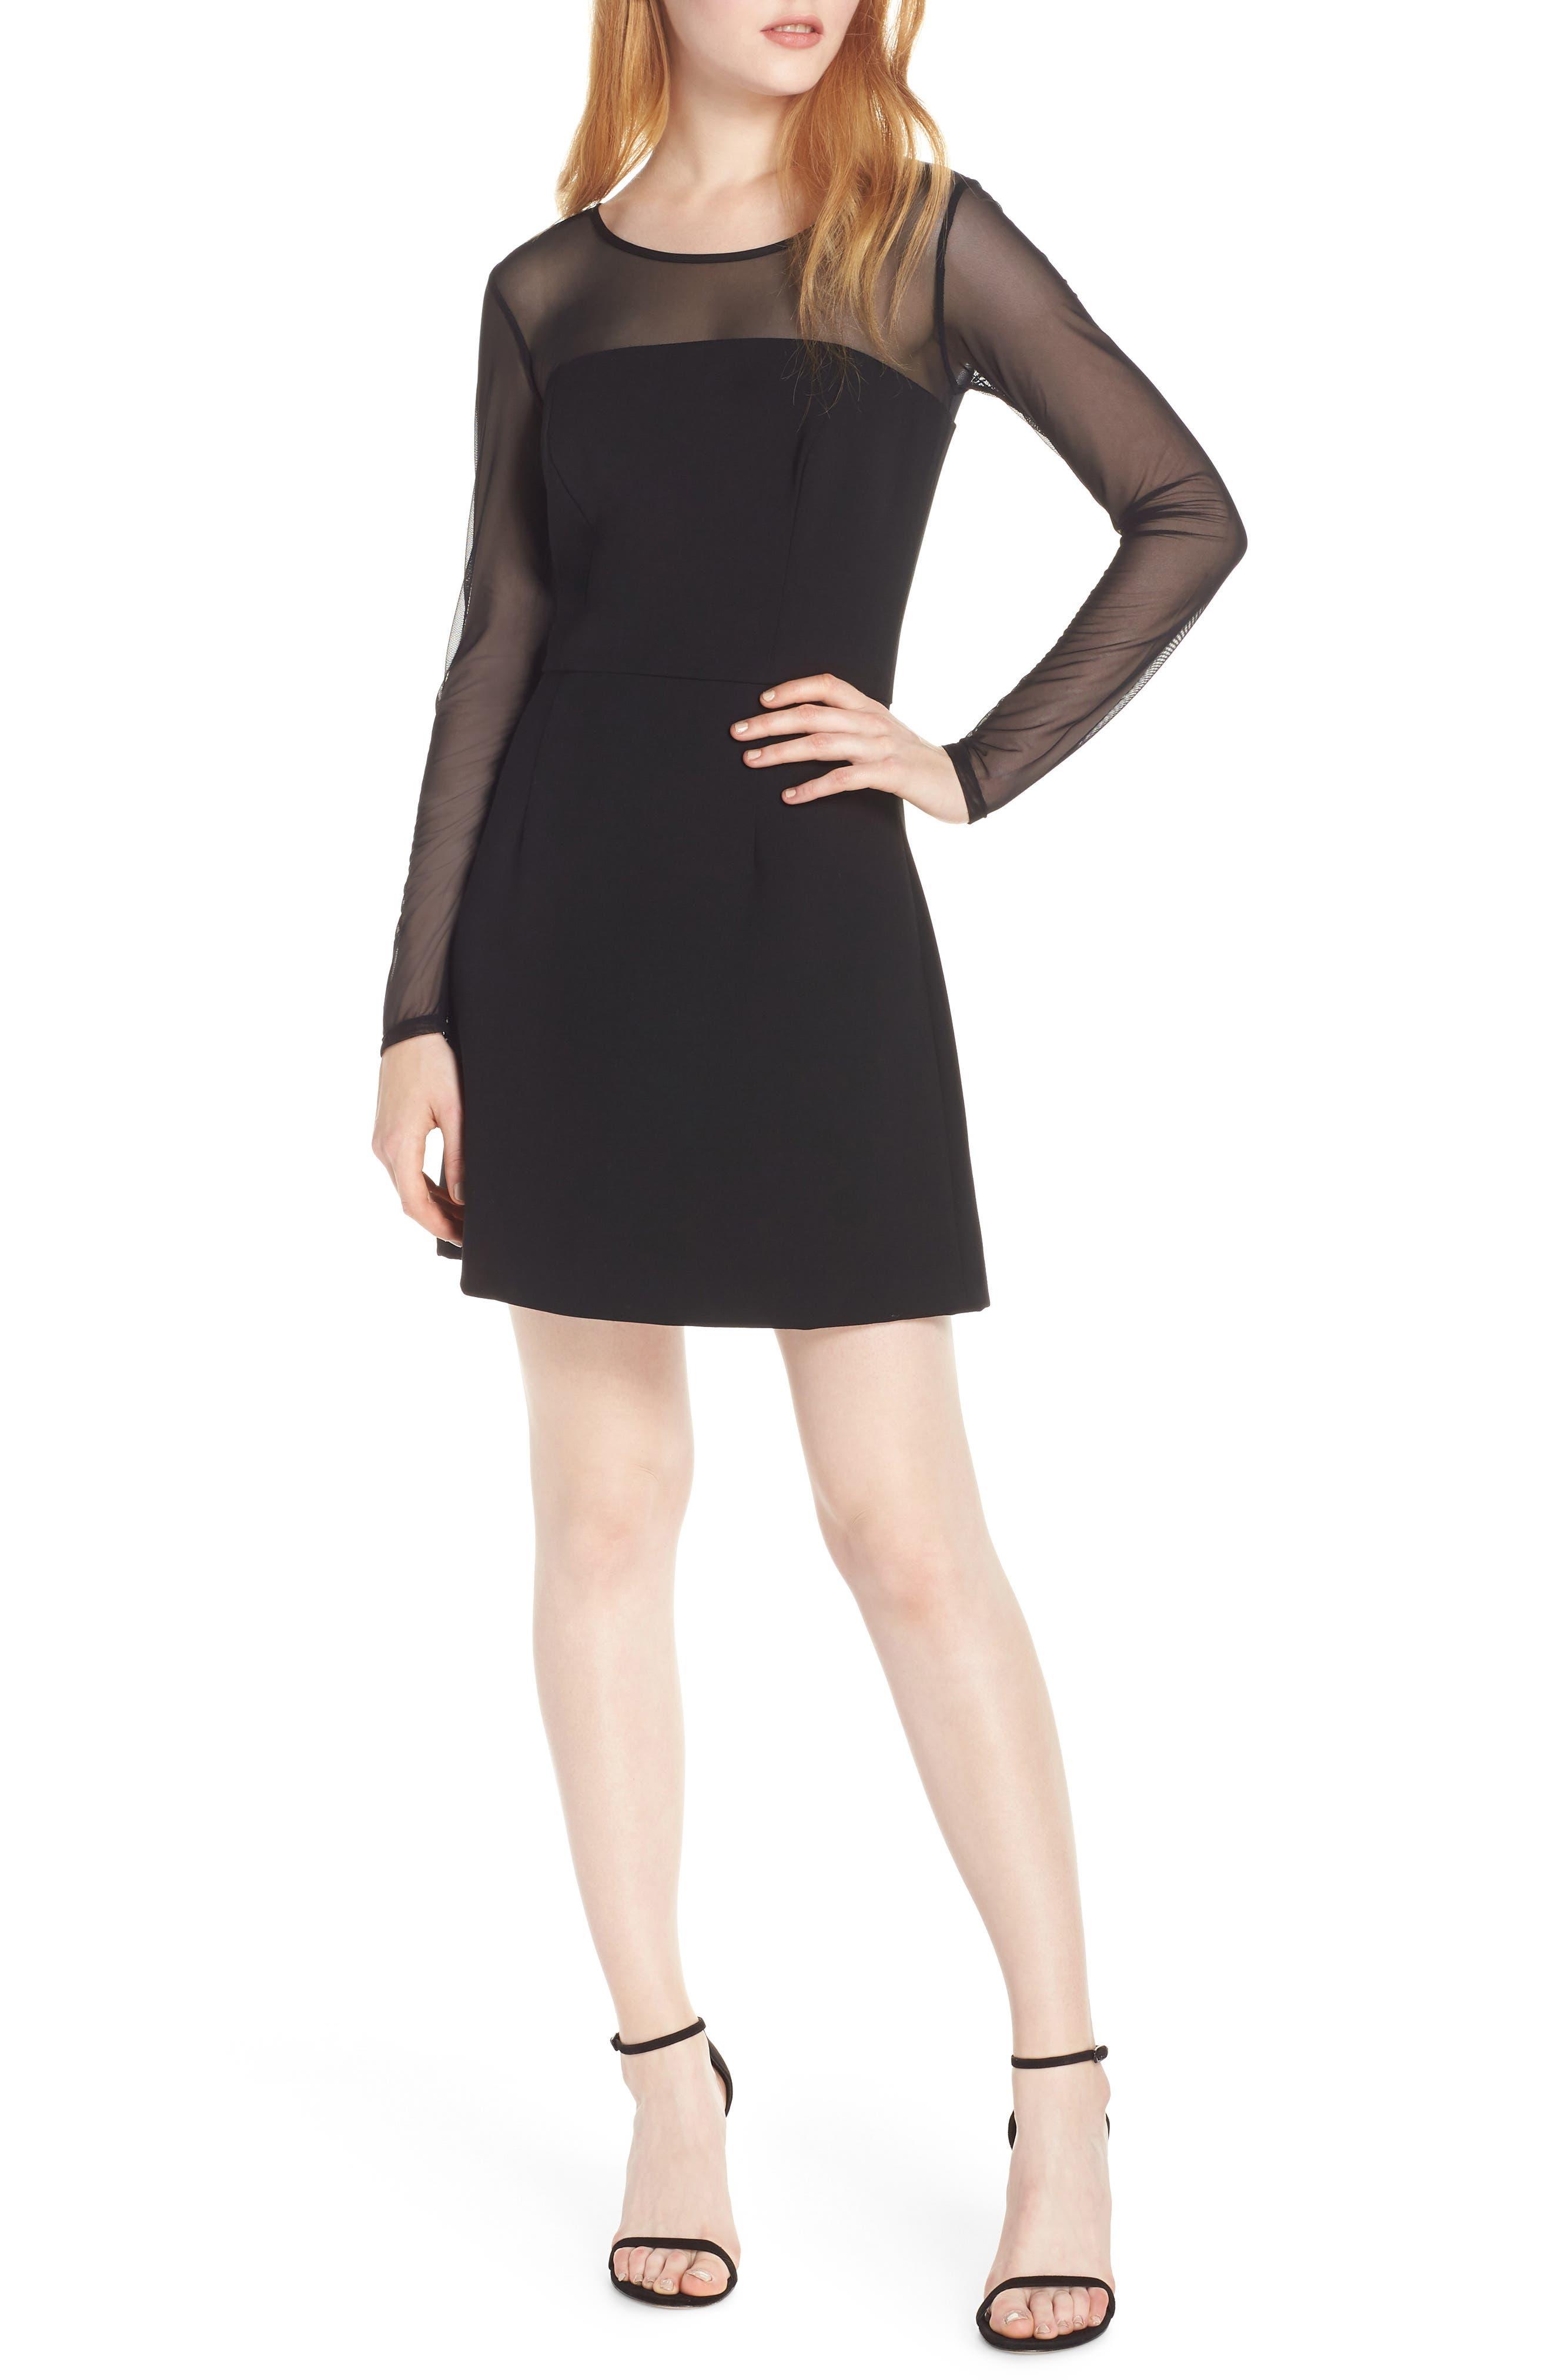 French Connection Whisper Light Mesh Sleeve Dress, Black